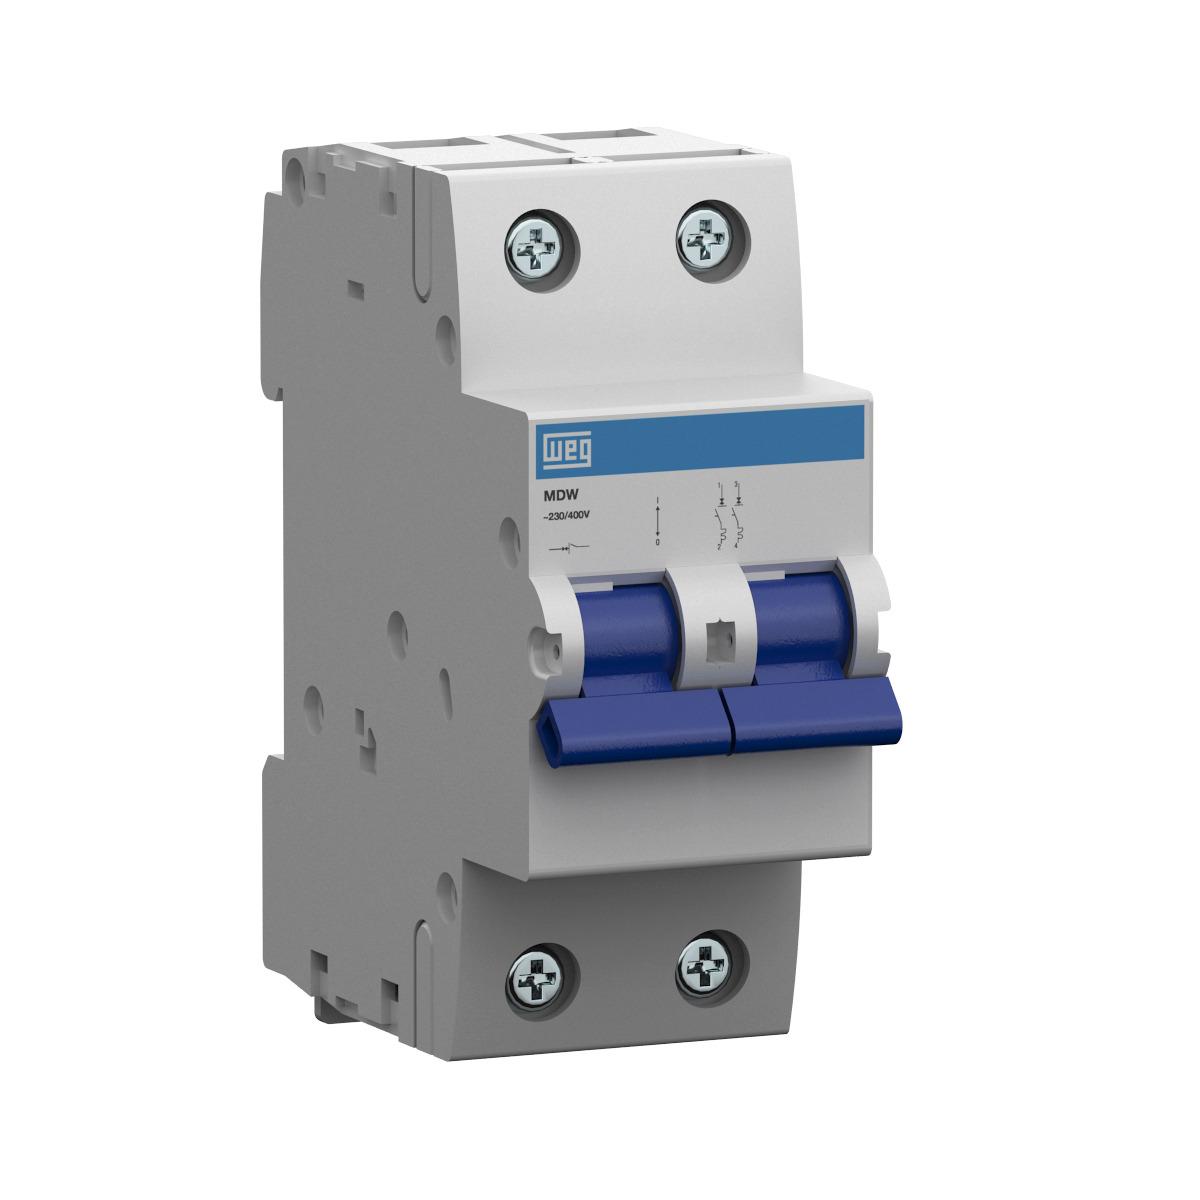 Minidisjuntor Termomagnético Weg Mdw-C25-2